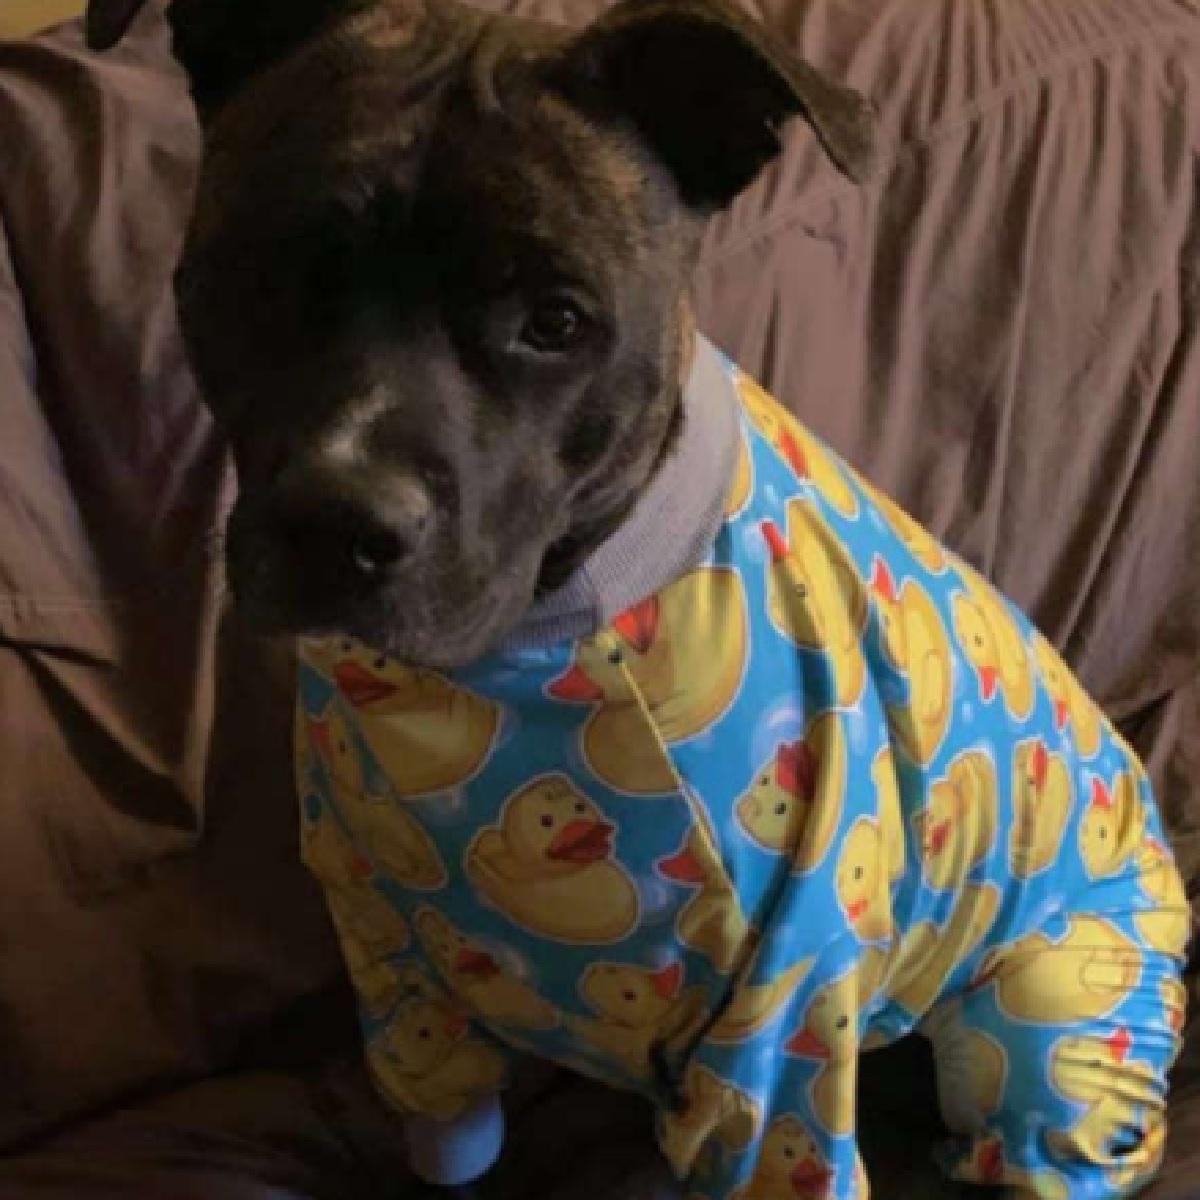 Denver, la cucciola di Pitbull che ha lo stesso pigiama del papà (FOTO)